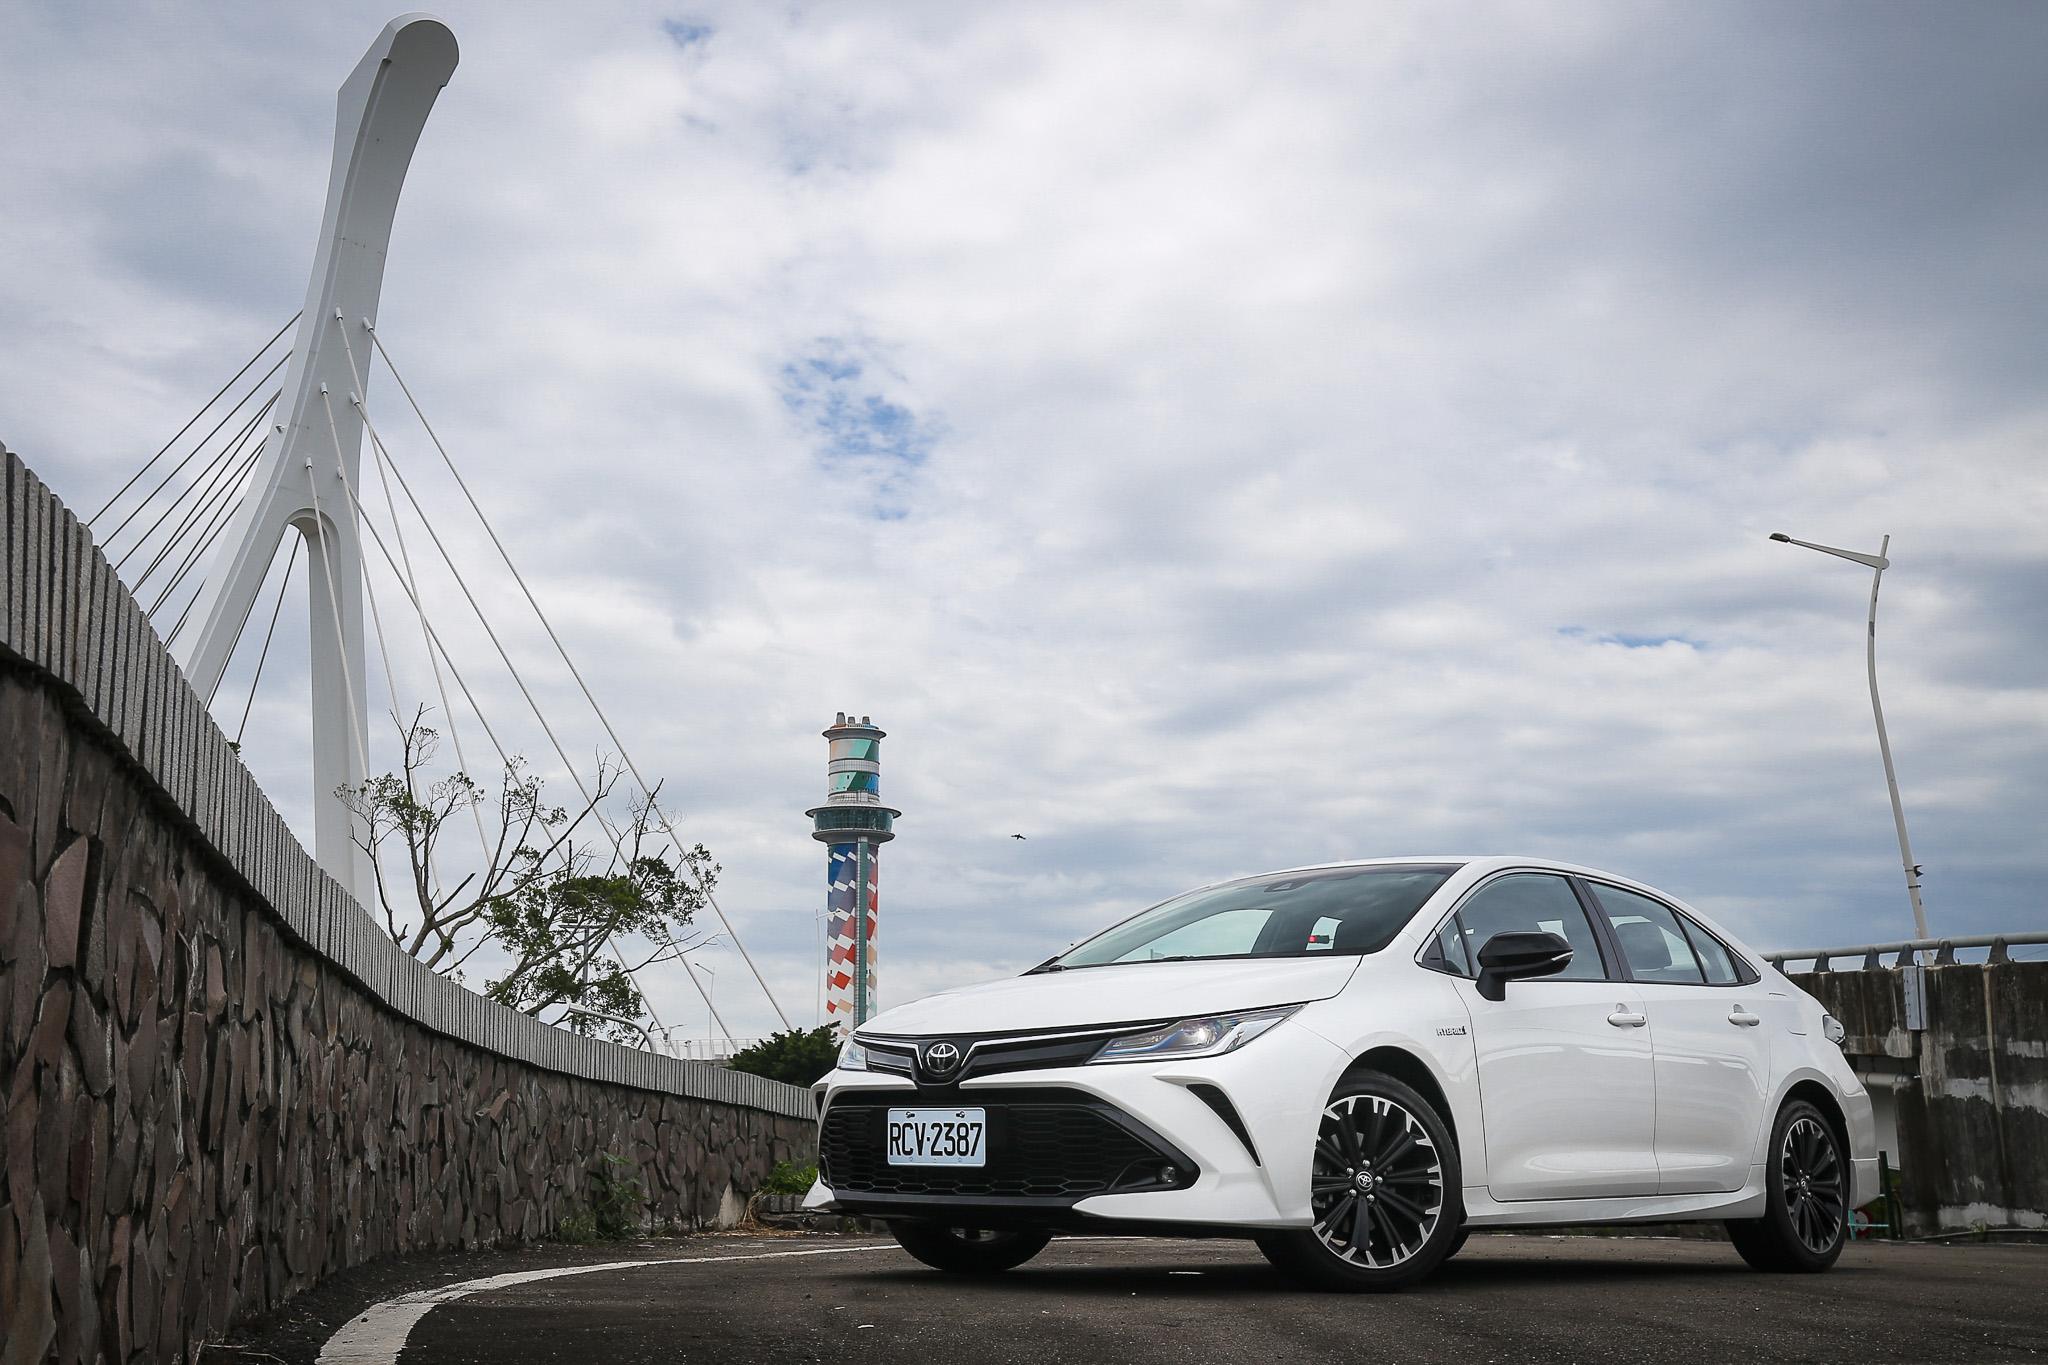 此次試駕車款為 Toyota Corolla Altis GR Sport Hybrid,售價 87.5 萬元。